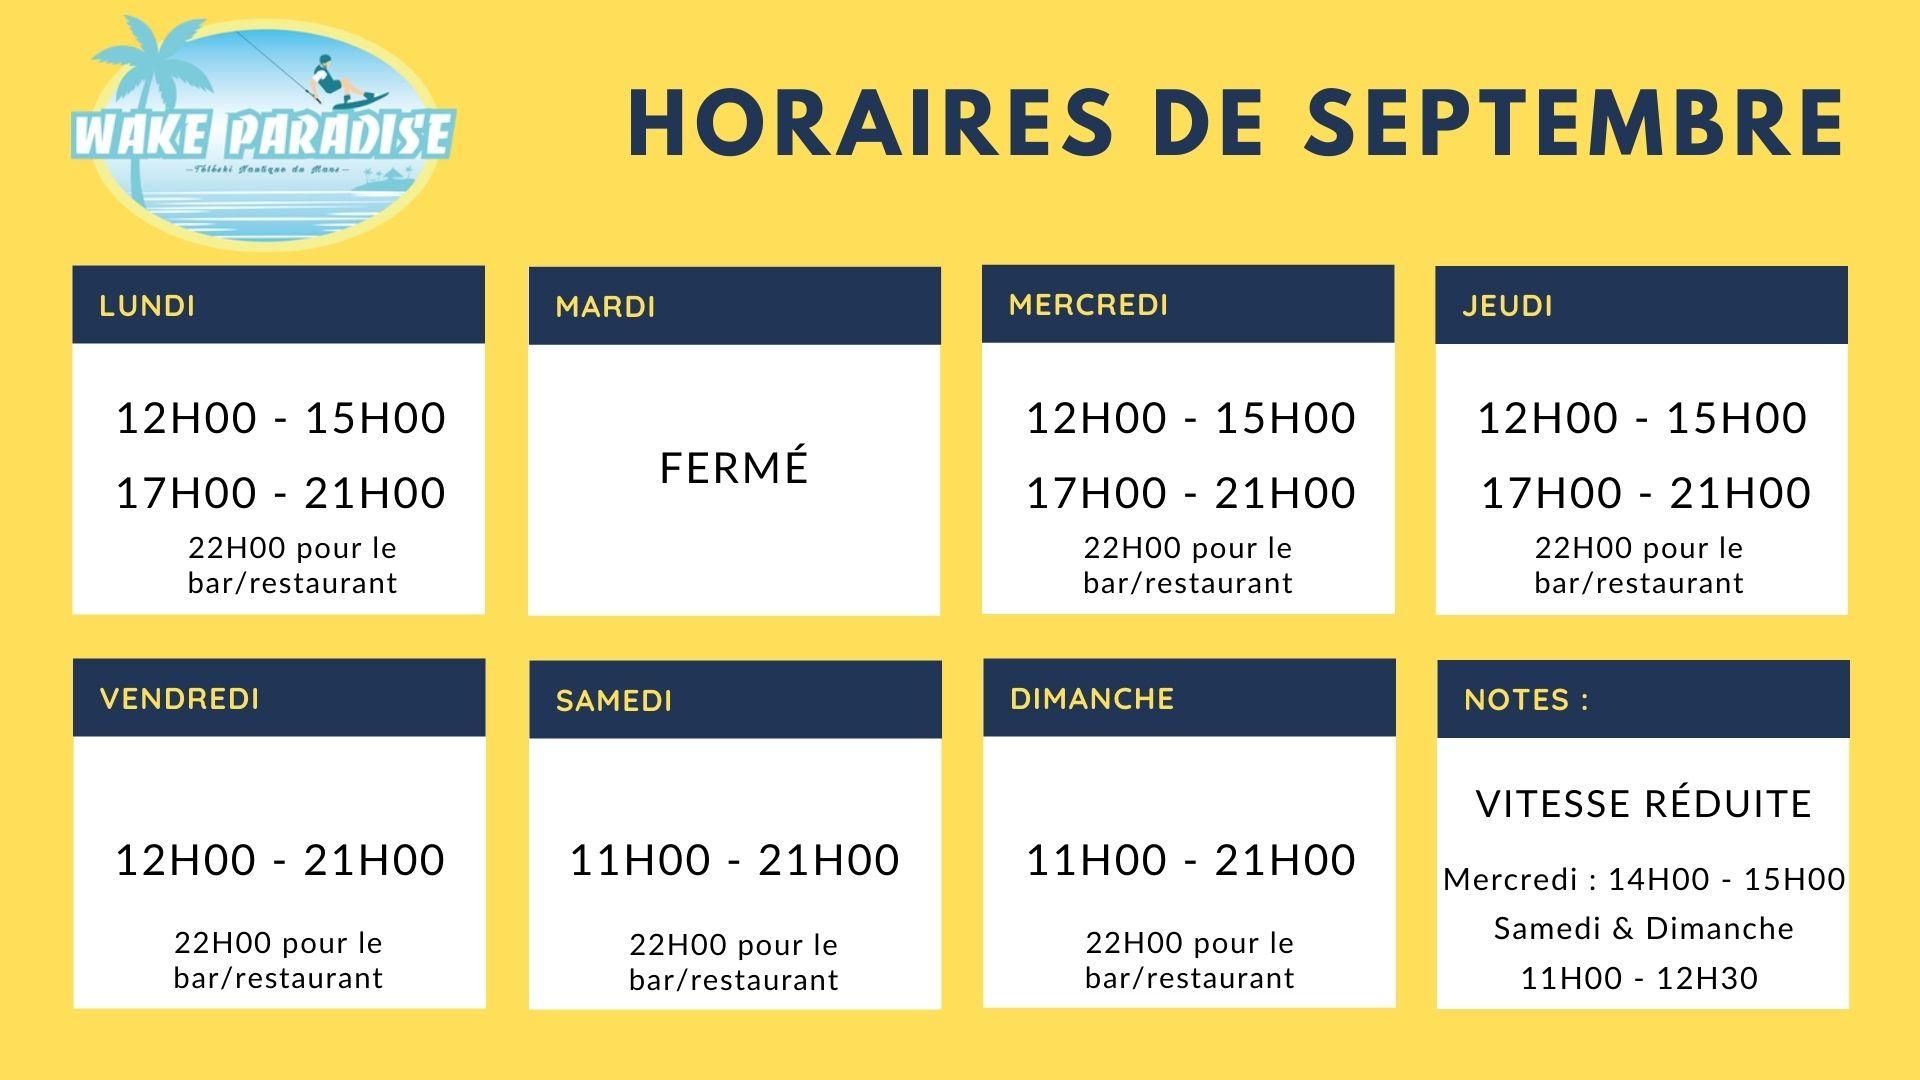 horaires septembre